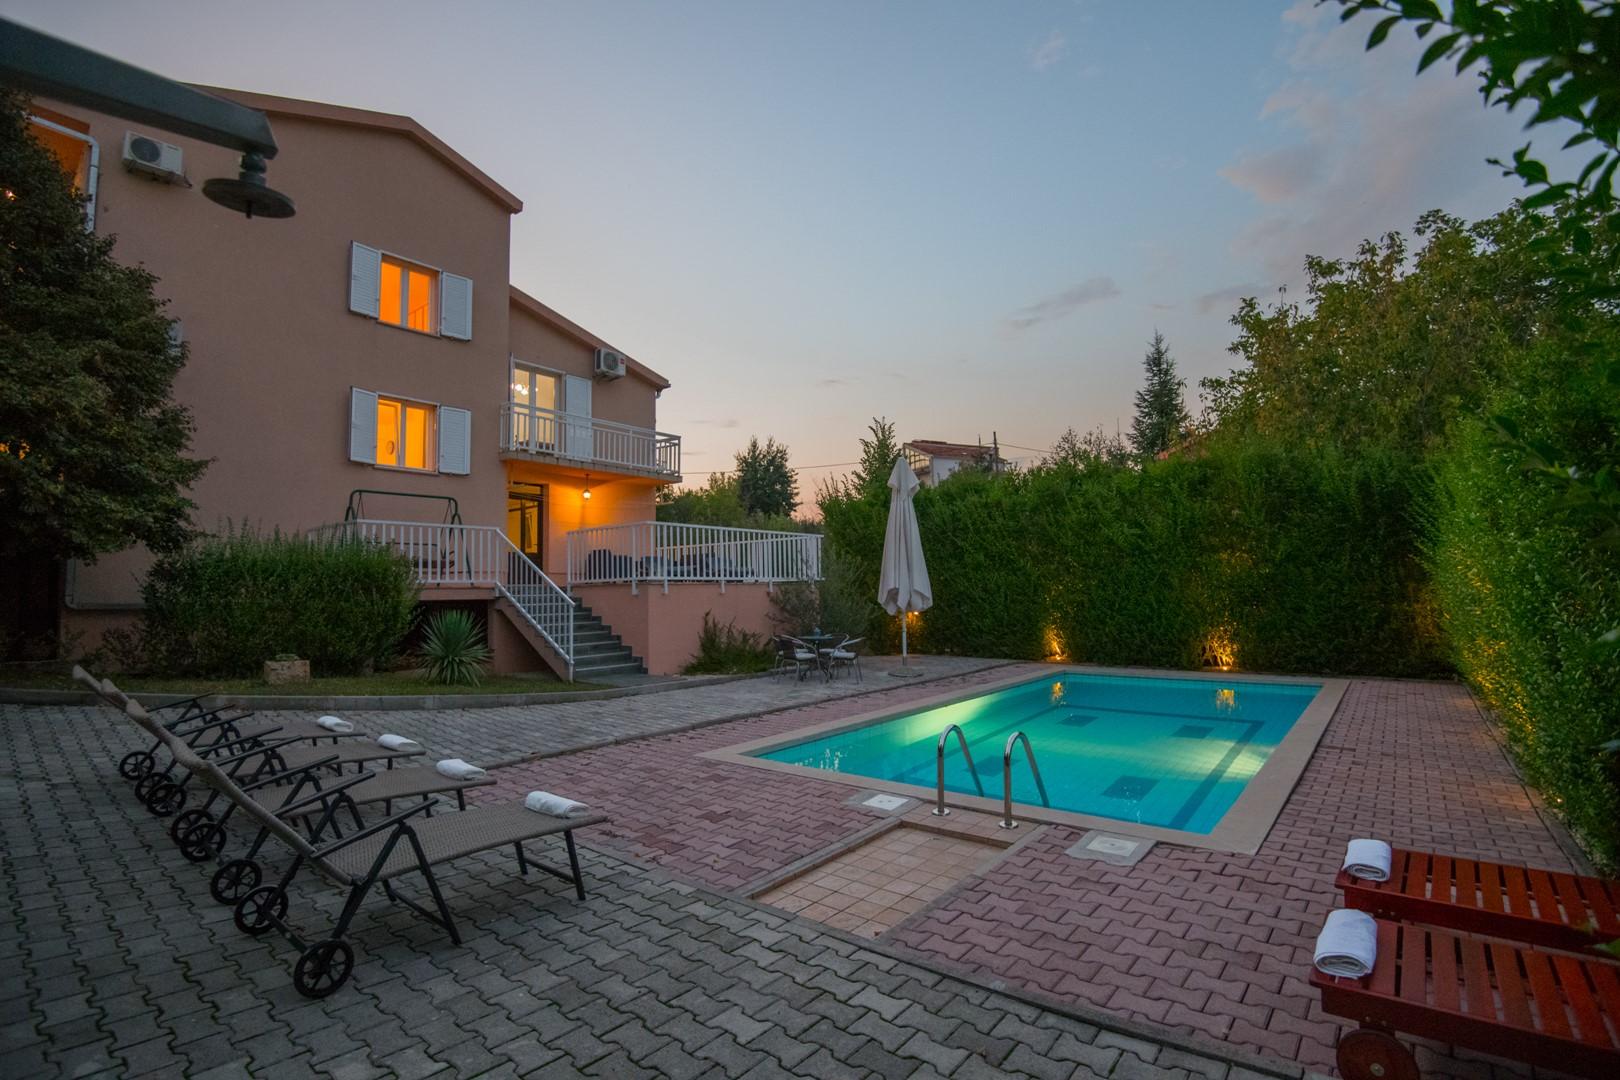 Ferienhaus ctim237 - Ferienhaus mit Pool, 9 Personen (7 Erw. + 2 Kinder), Fußballfeld, Badminton (2613589), Kamenmost, , Dalmatien, Kroatien, Bild 2